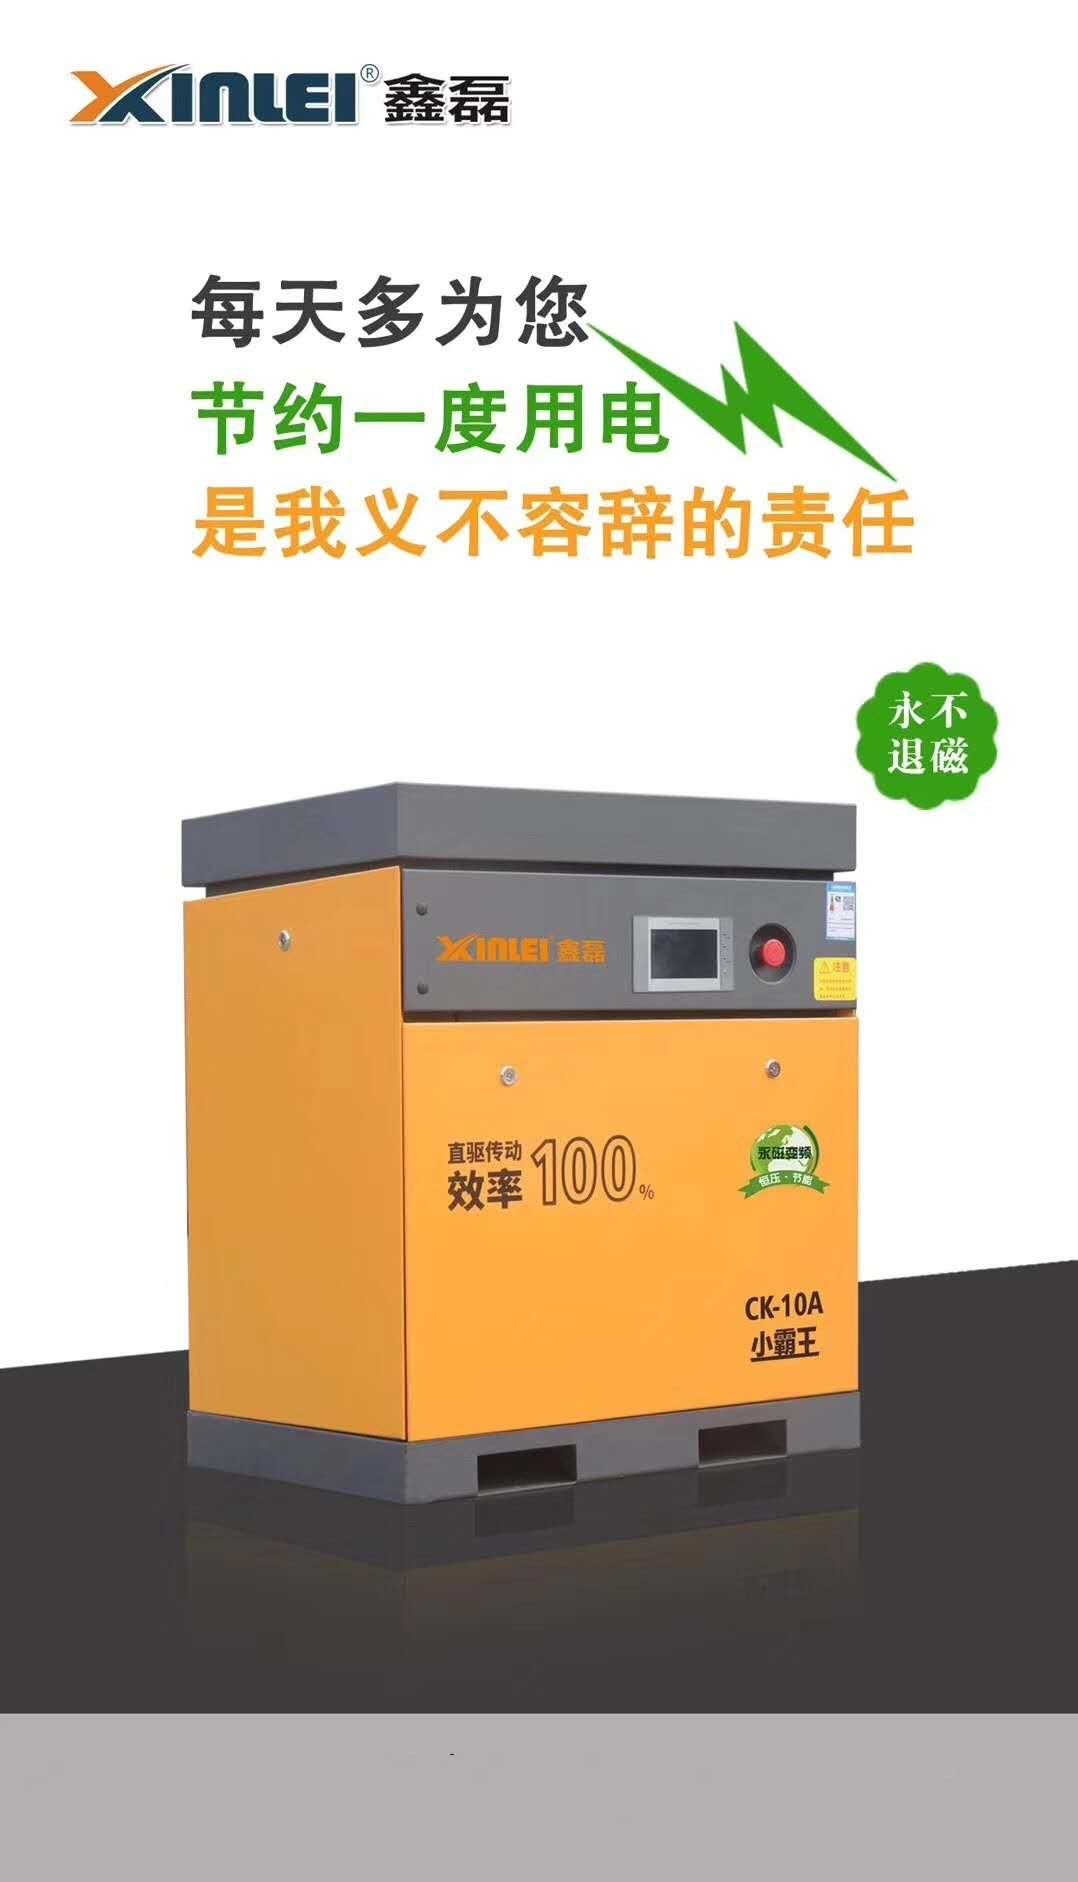 鑫磊CK系列小霸王永磁螺杆空压机